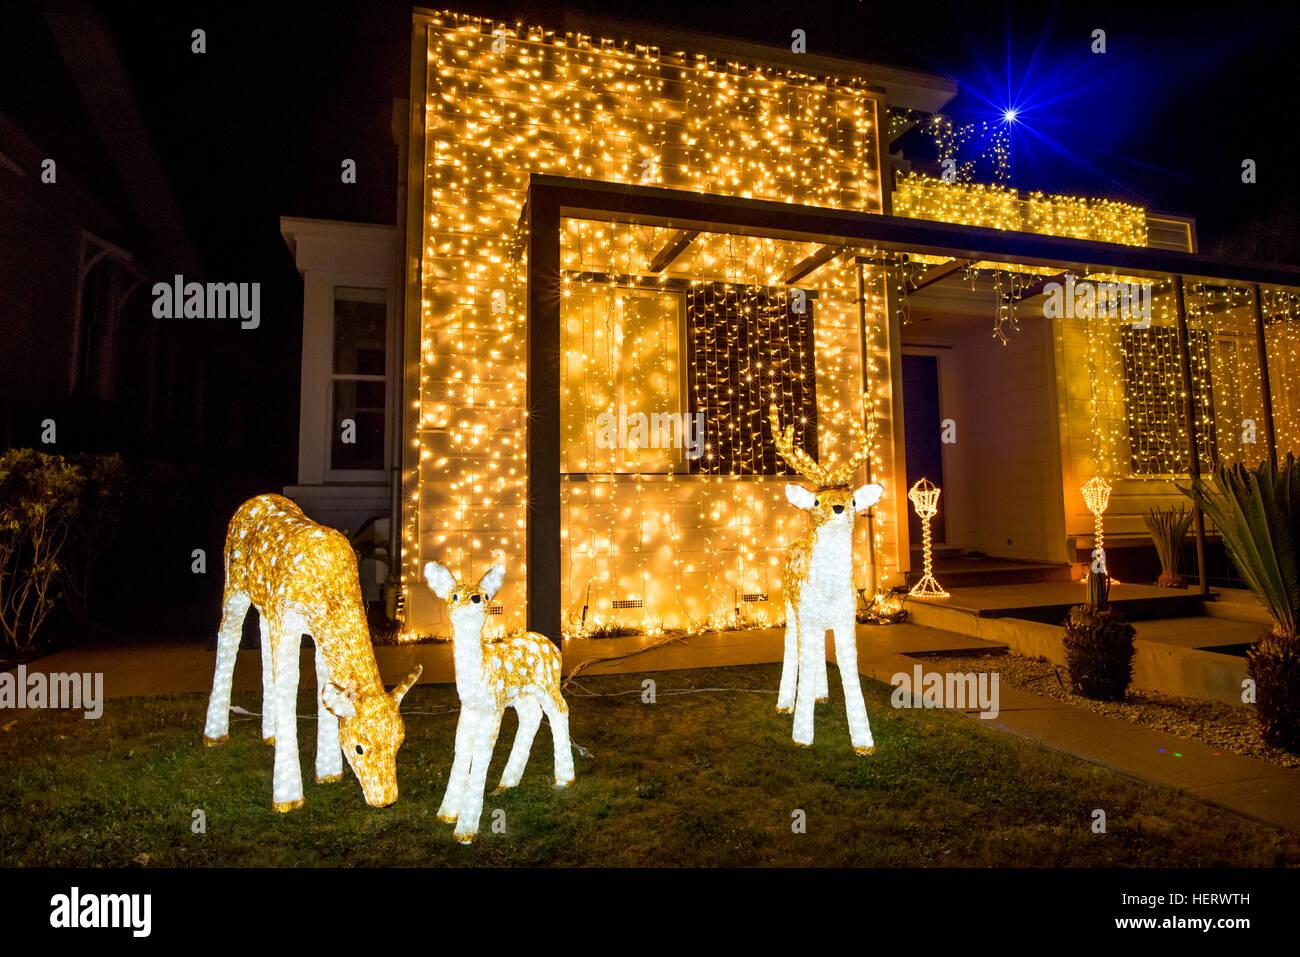 Hermosa Piscina Exterior De Las Luces De Navidad Cada Año